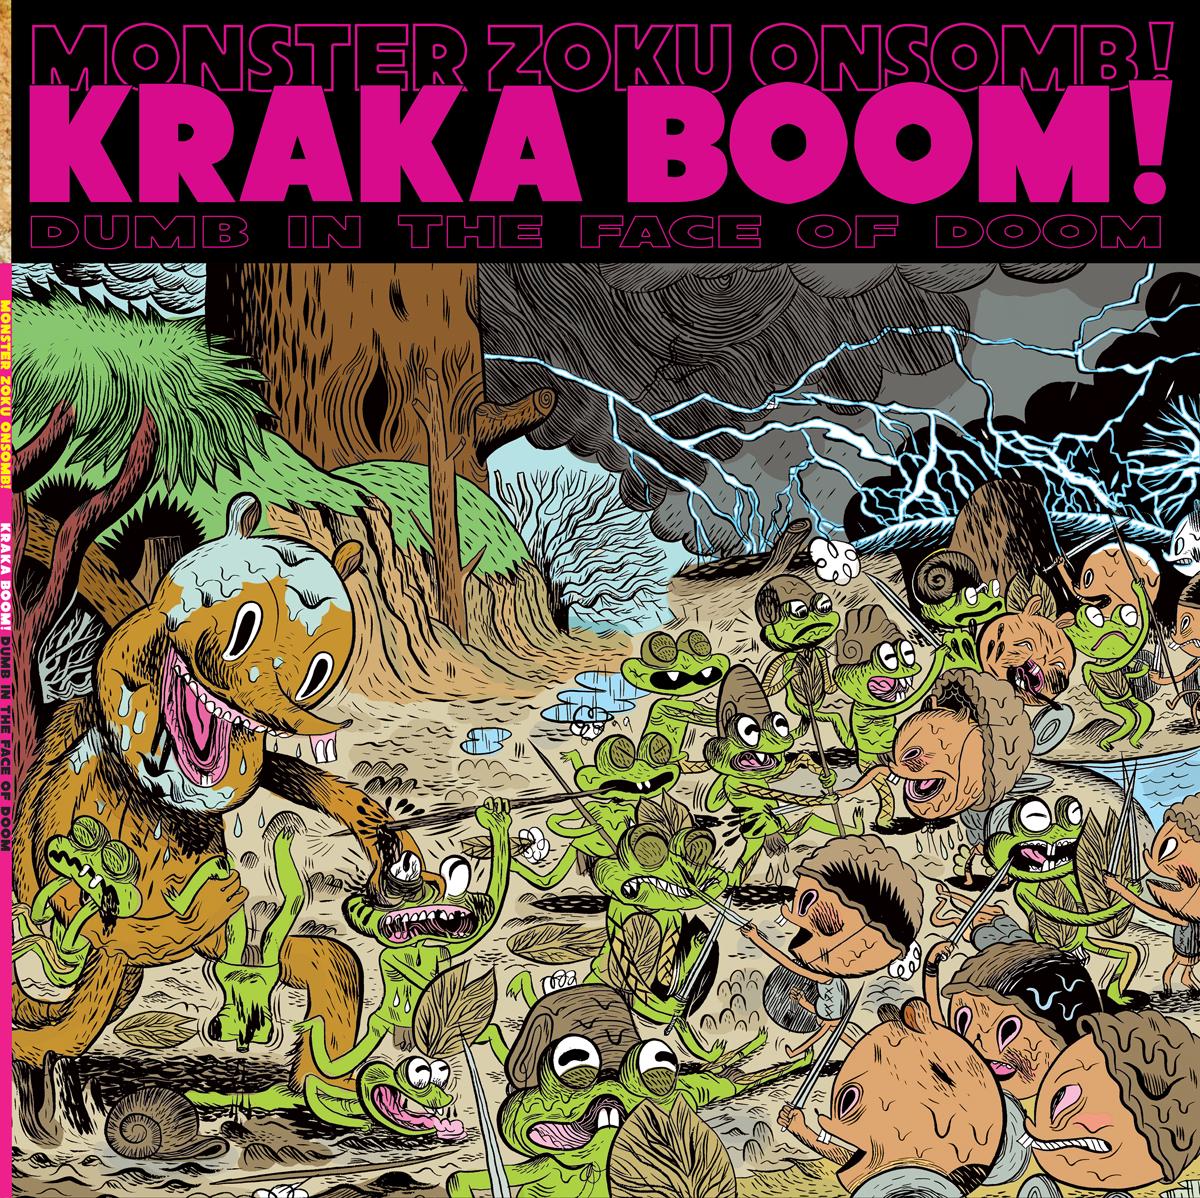 Monster Zoku Onsomb! (MZO!) - KRAKA BOOM! .. Dumb In The Face Of Doom. - cover